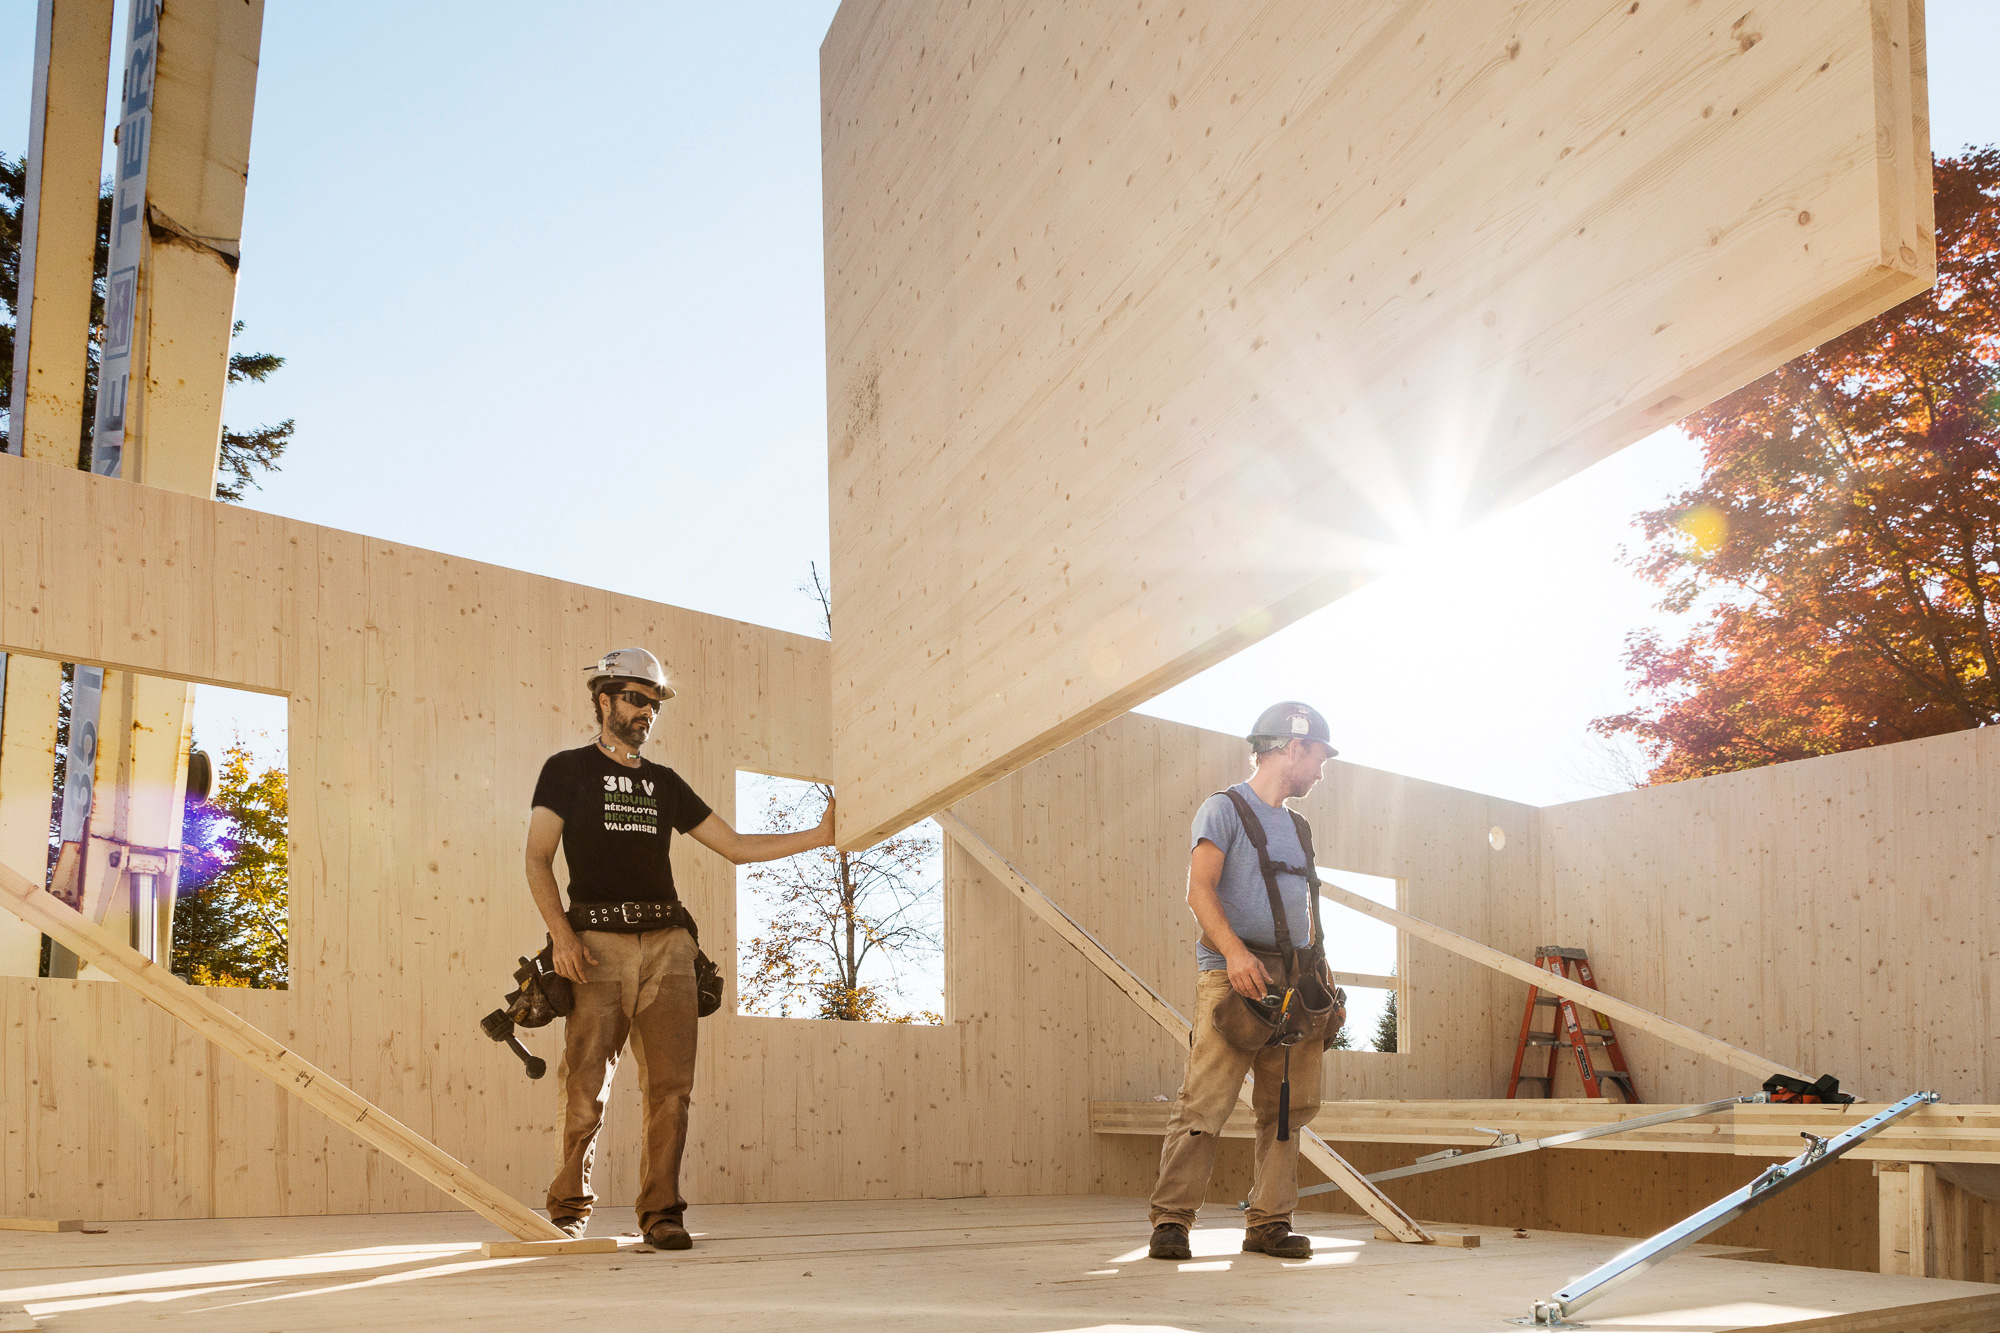 chantier travailleurs installation mur bois